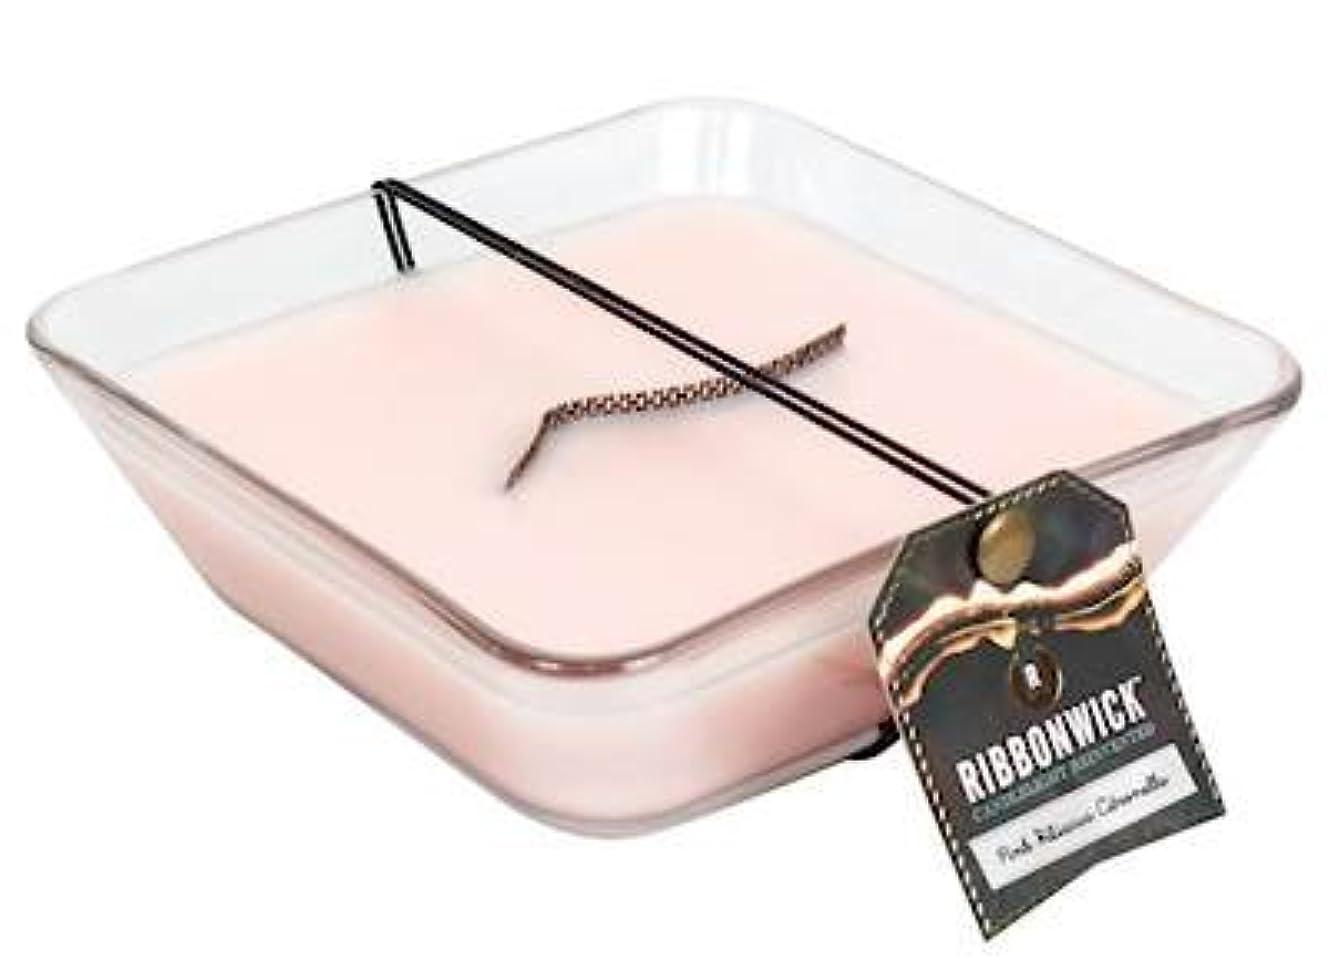 ピンクハイビスカス柄シトロネラ装飾ガラスMedium RibbonWick Scented Candle – アウトドアコレクション